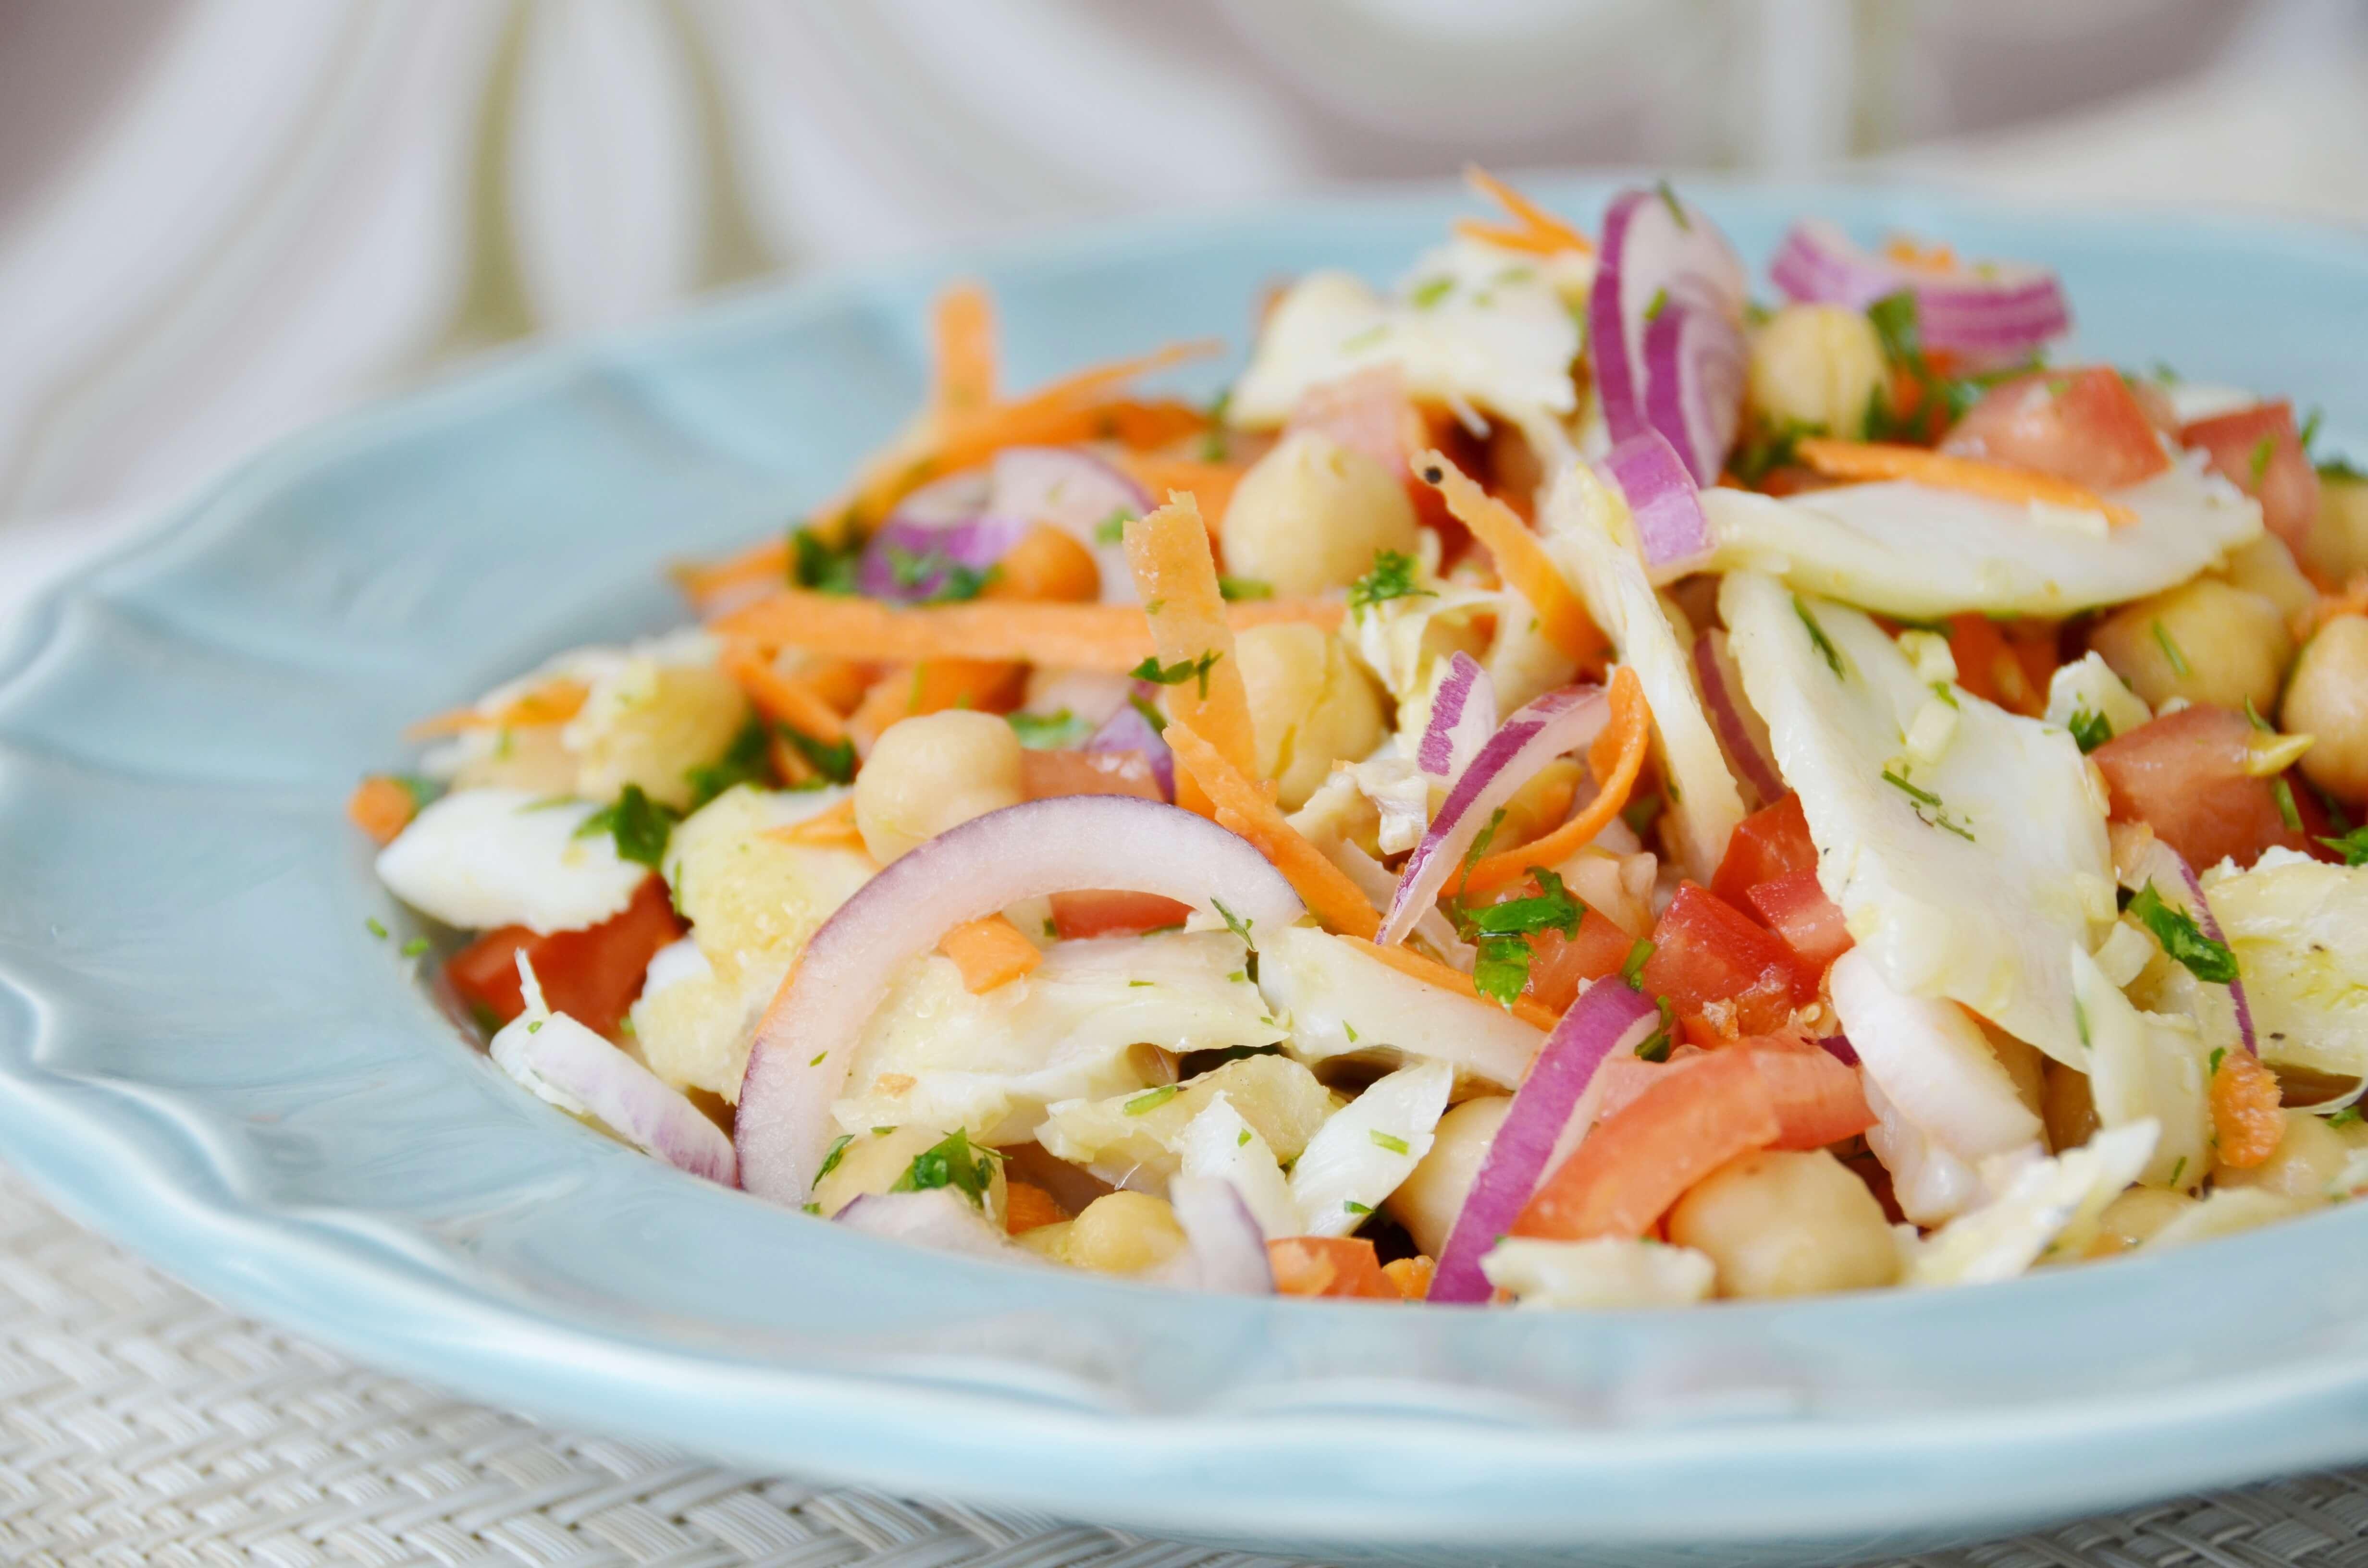 salada bacalhau grao - Saladas frescas e saudáveis para o verão